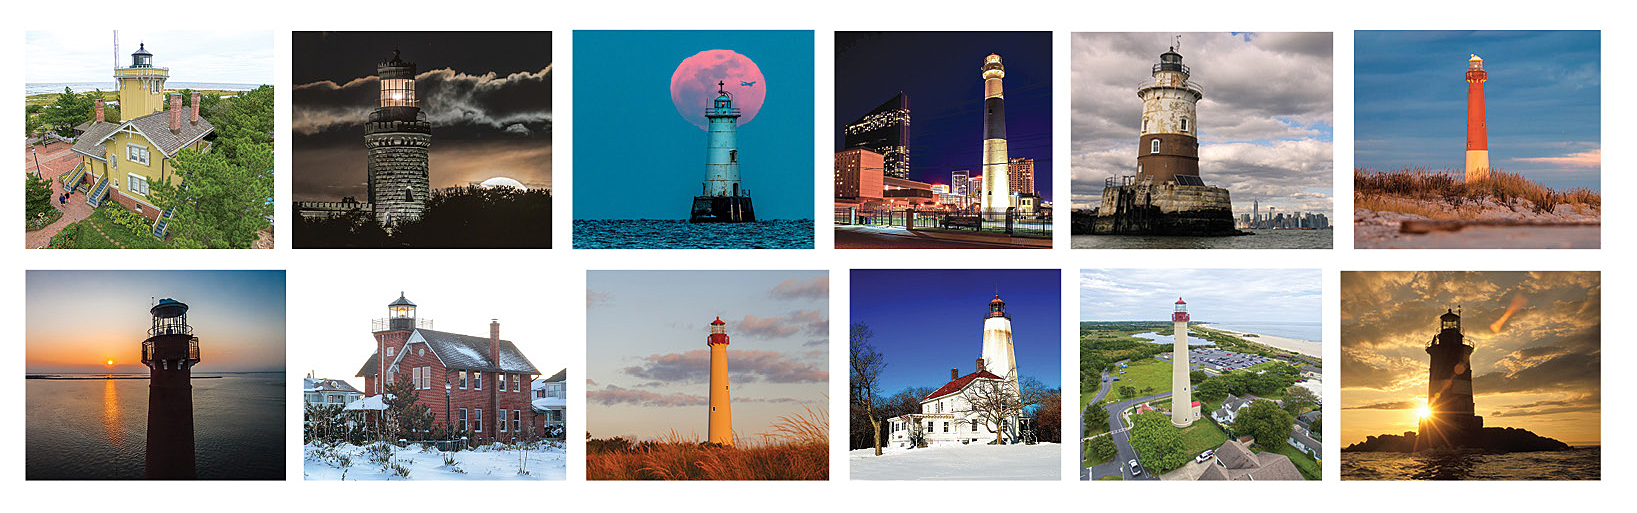 lighthouses 2019 calendar